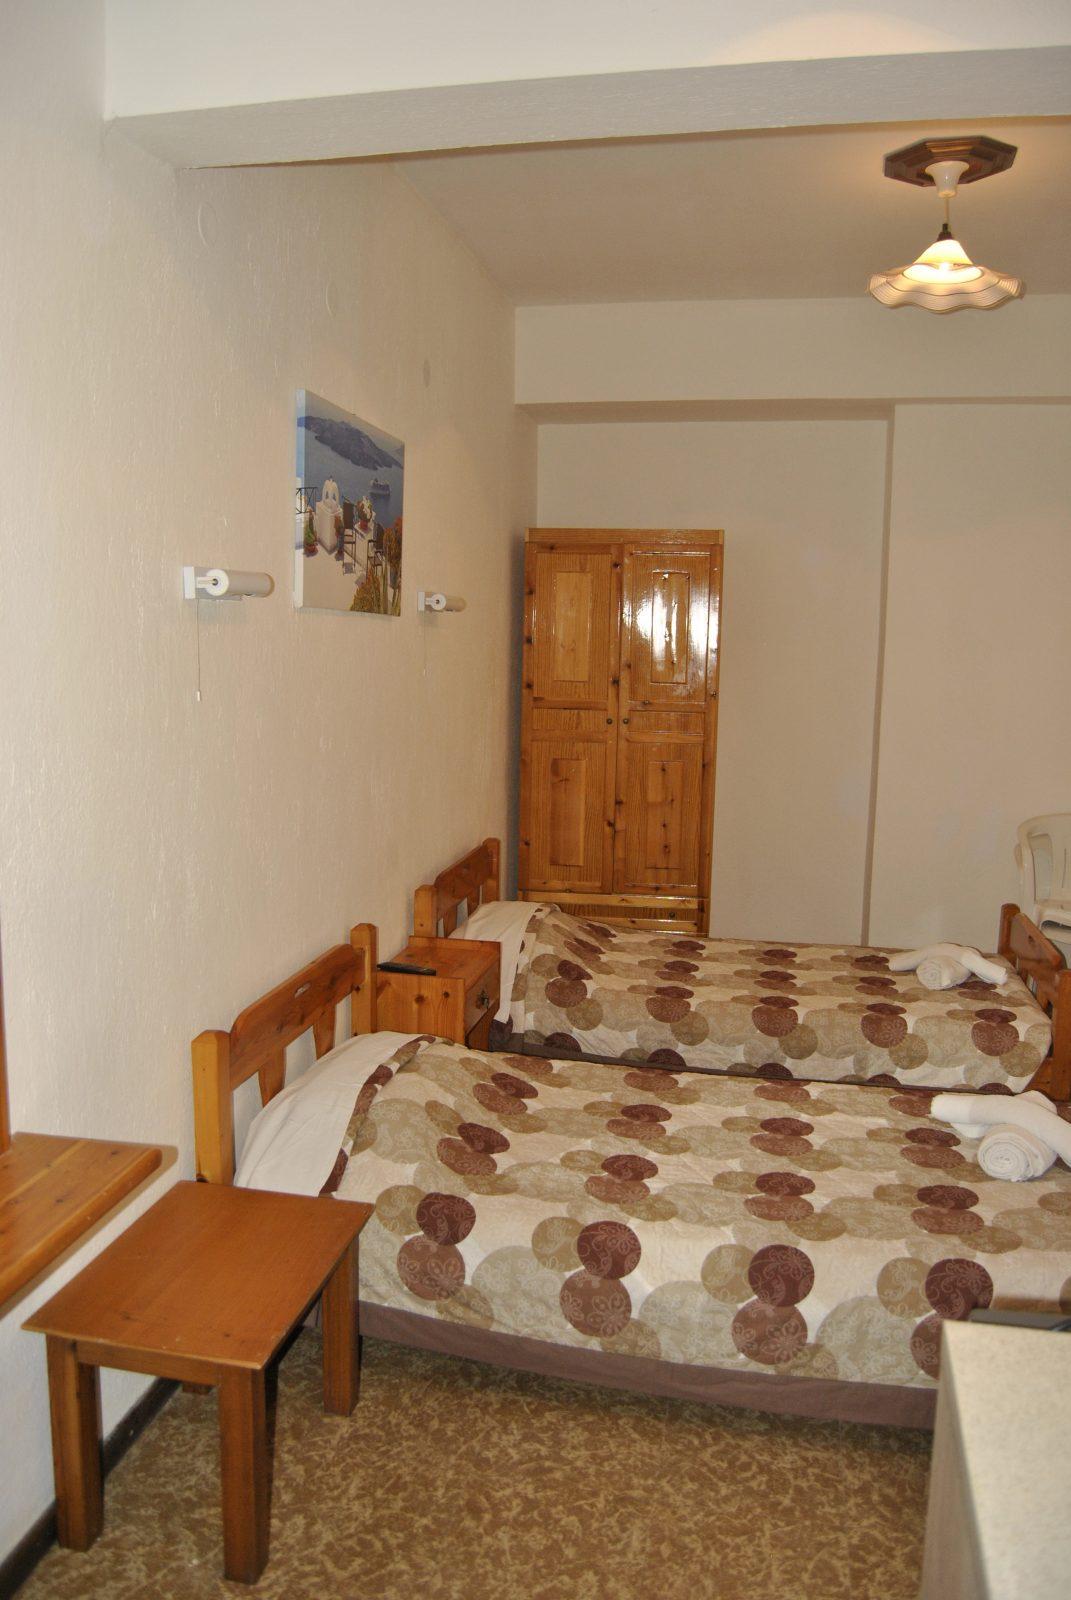 Grcka apartmani letovanje, Nea Flogita Halkidiki, Pirgioti, izgled sobe